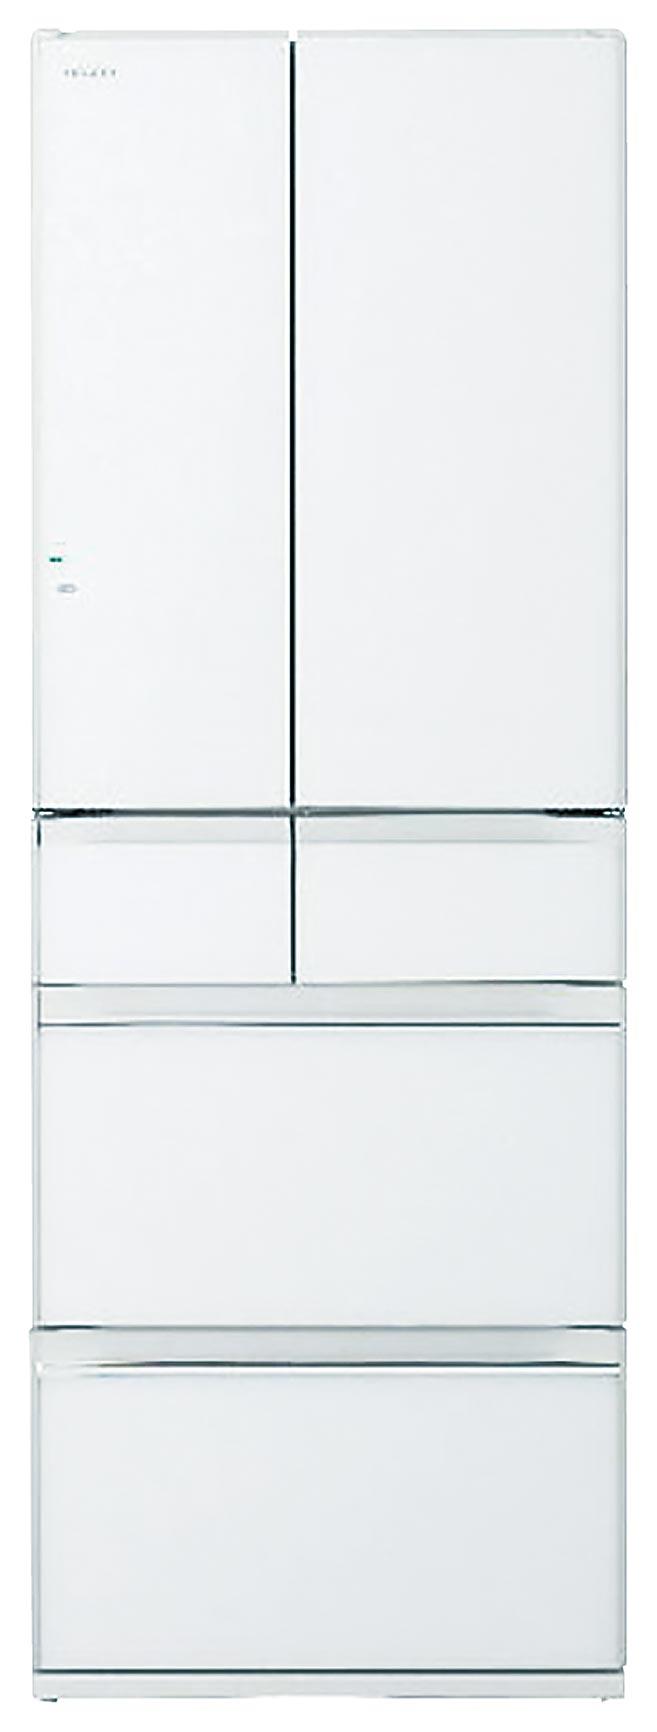 燦坤的HITACHI 607公升白金觸媒ECO六門超變頻冰箱,原價8萬6900元,燦坤加碼優惠價7萬4310元,現折1萬2590元。(燦坤提供)